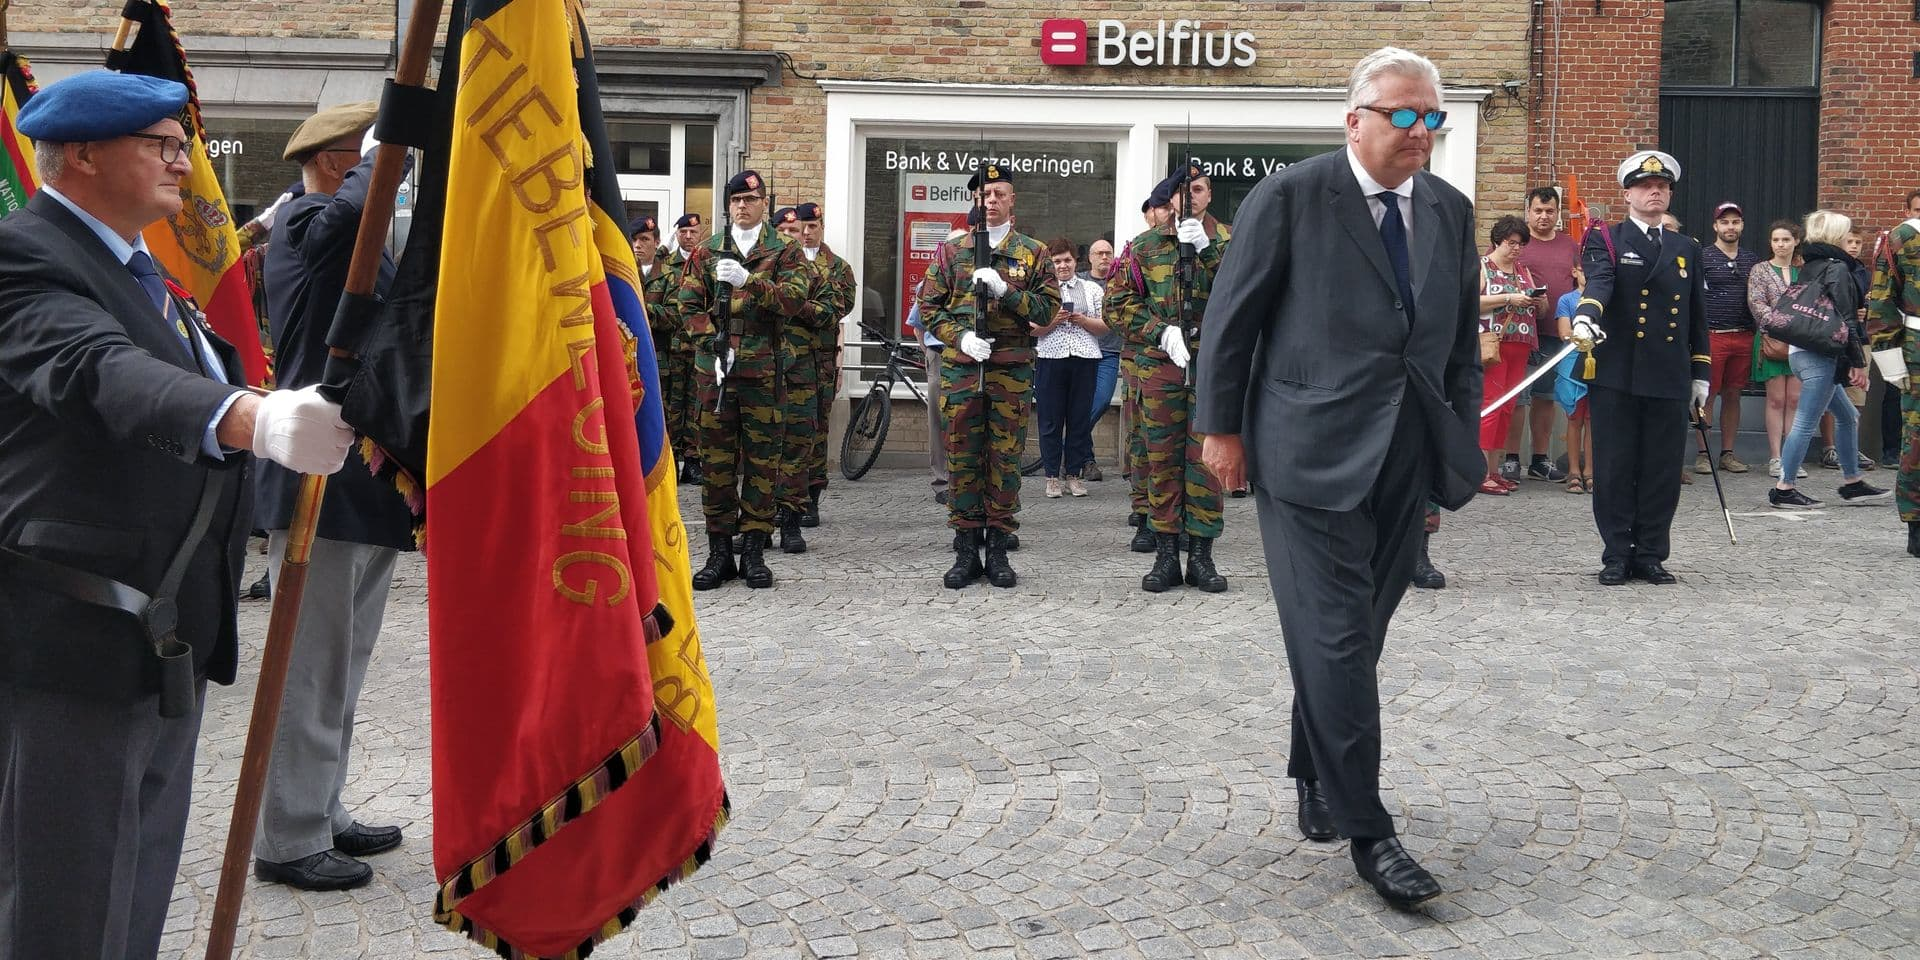 Le prince Laurent était absent du Te Deum à Bruxelles